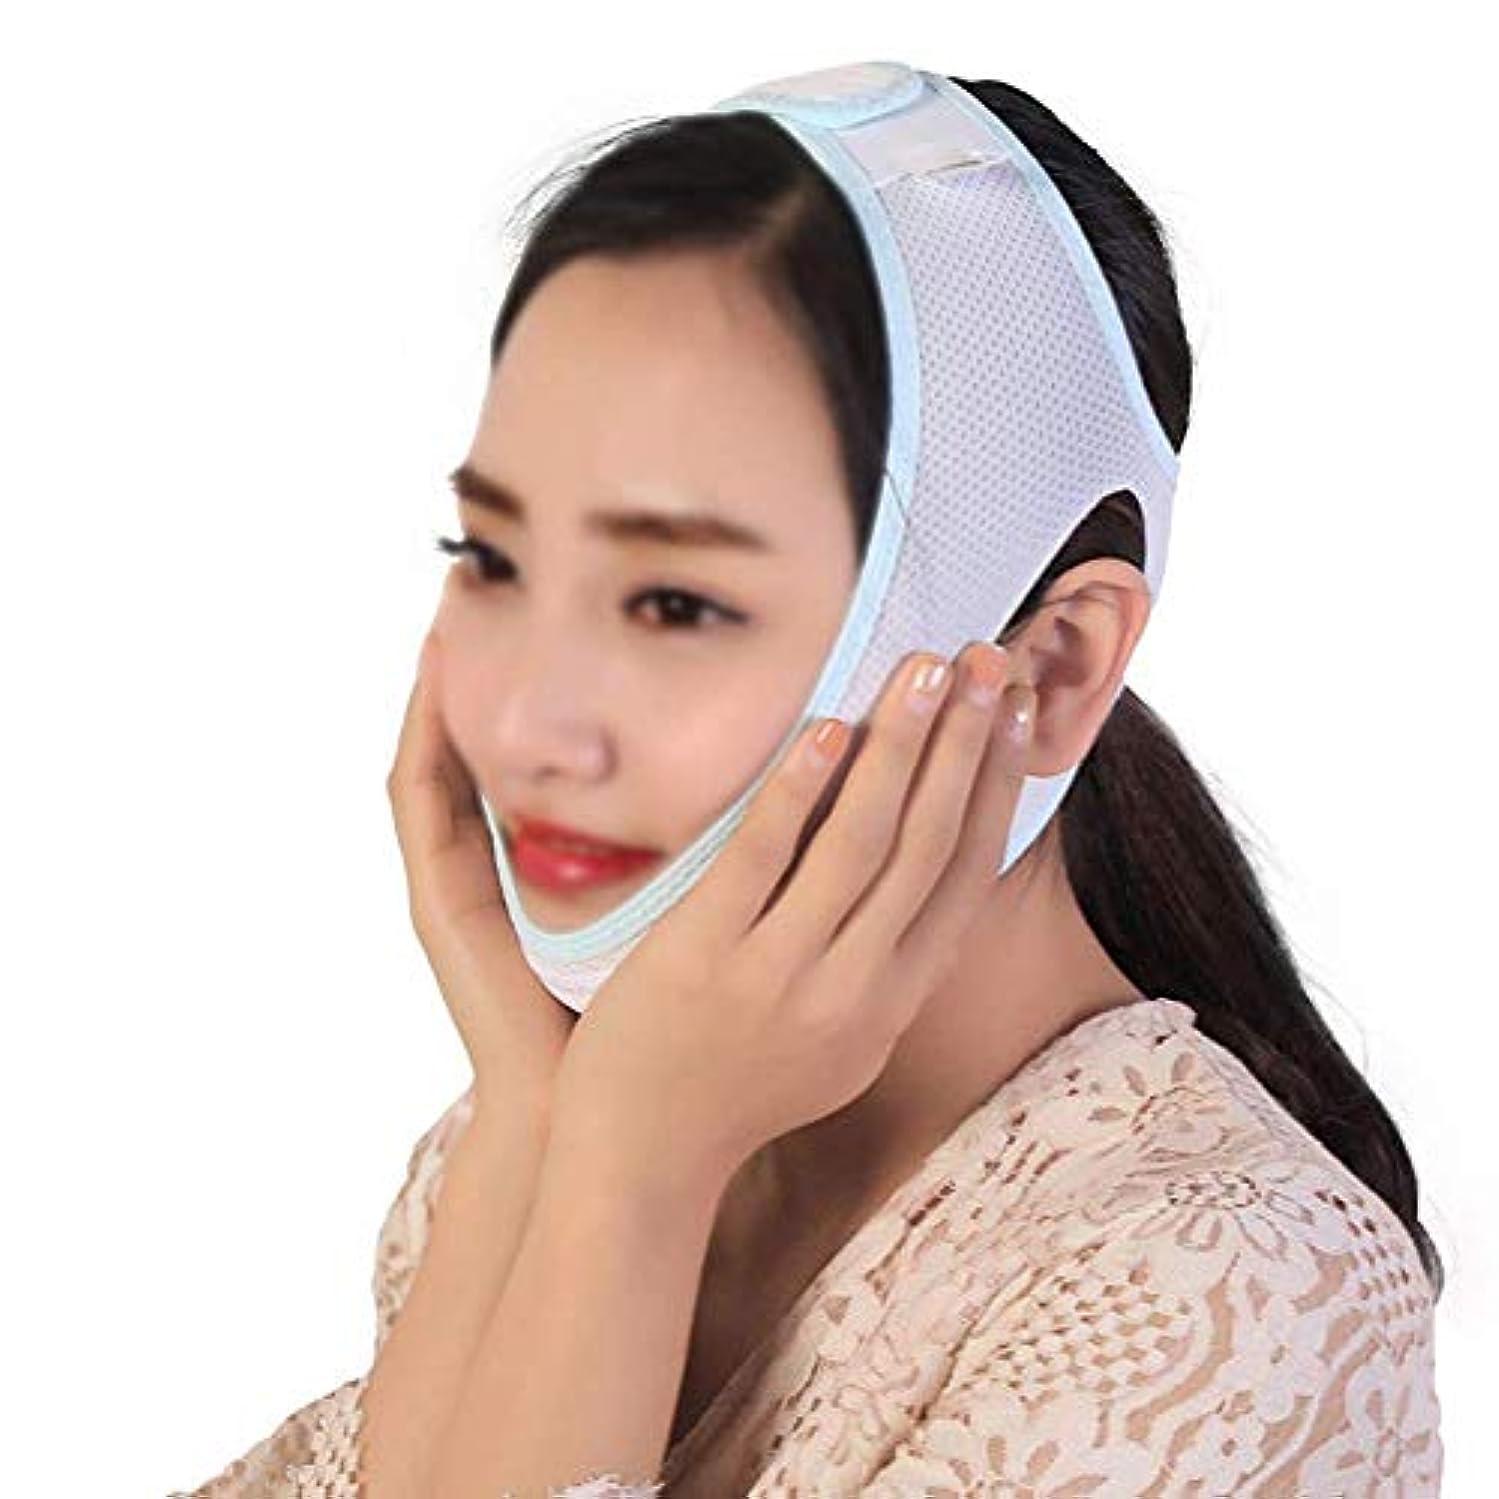 余暇逆さまに労働ファーミングフェイスマスク、スモールVフェイスアーティファクトリフティングフェイスプラスチックフェイスマスクコンフォートアップグレード最適化フェイスカーブの向上包括的な 包帯(サイズ:L),M